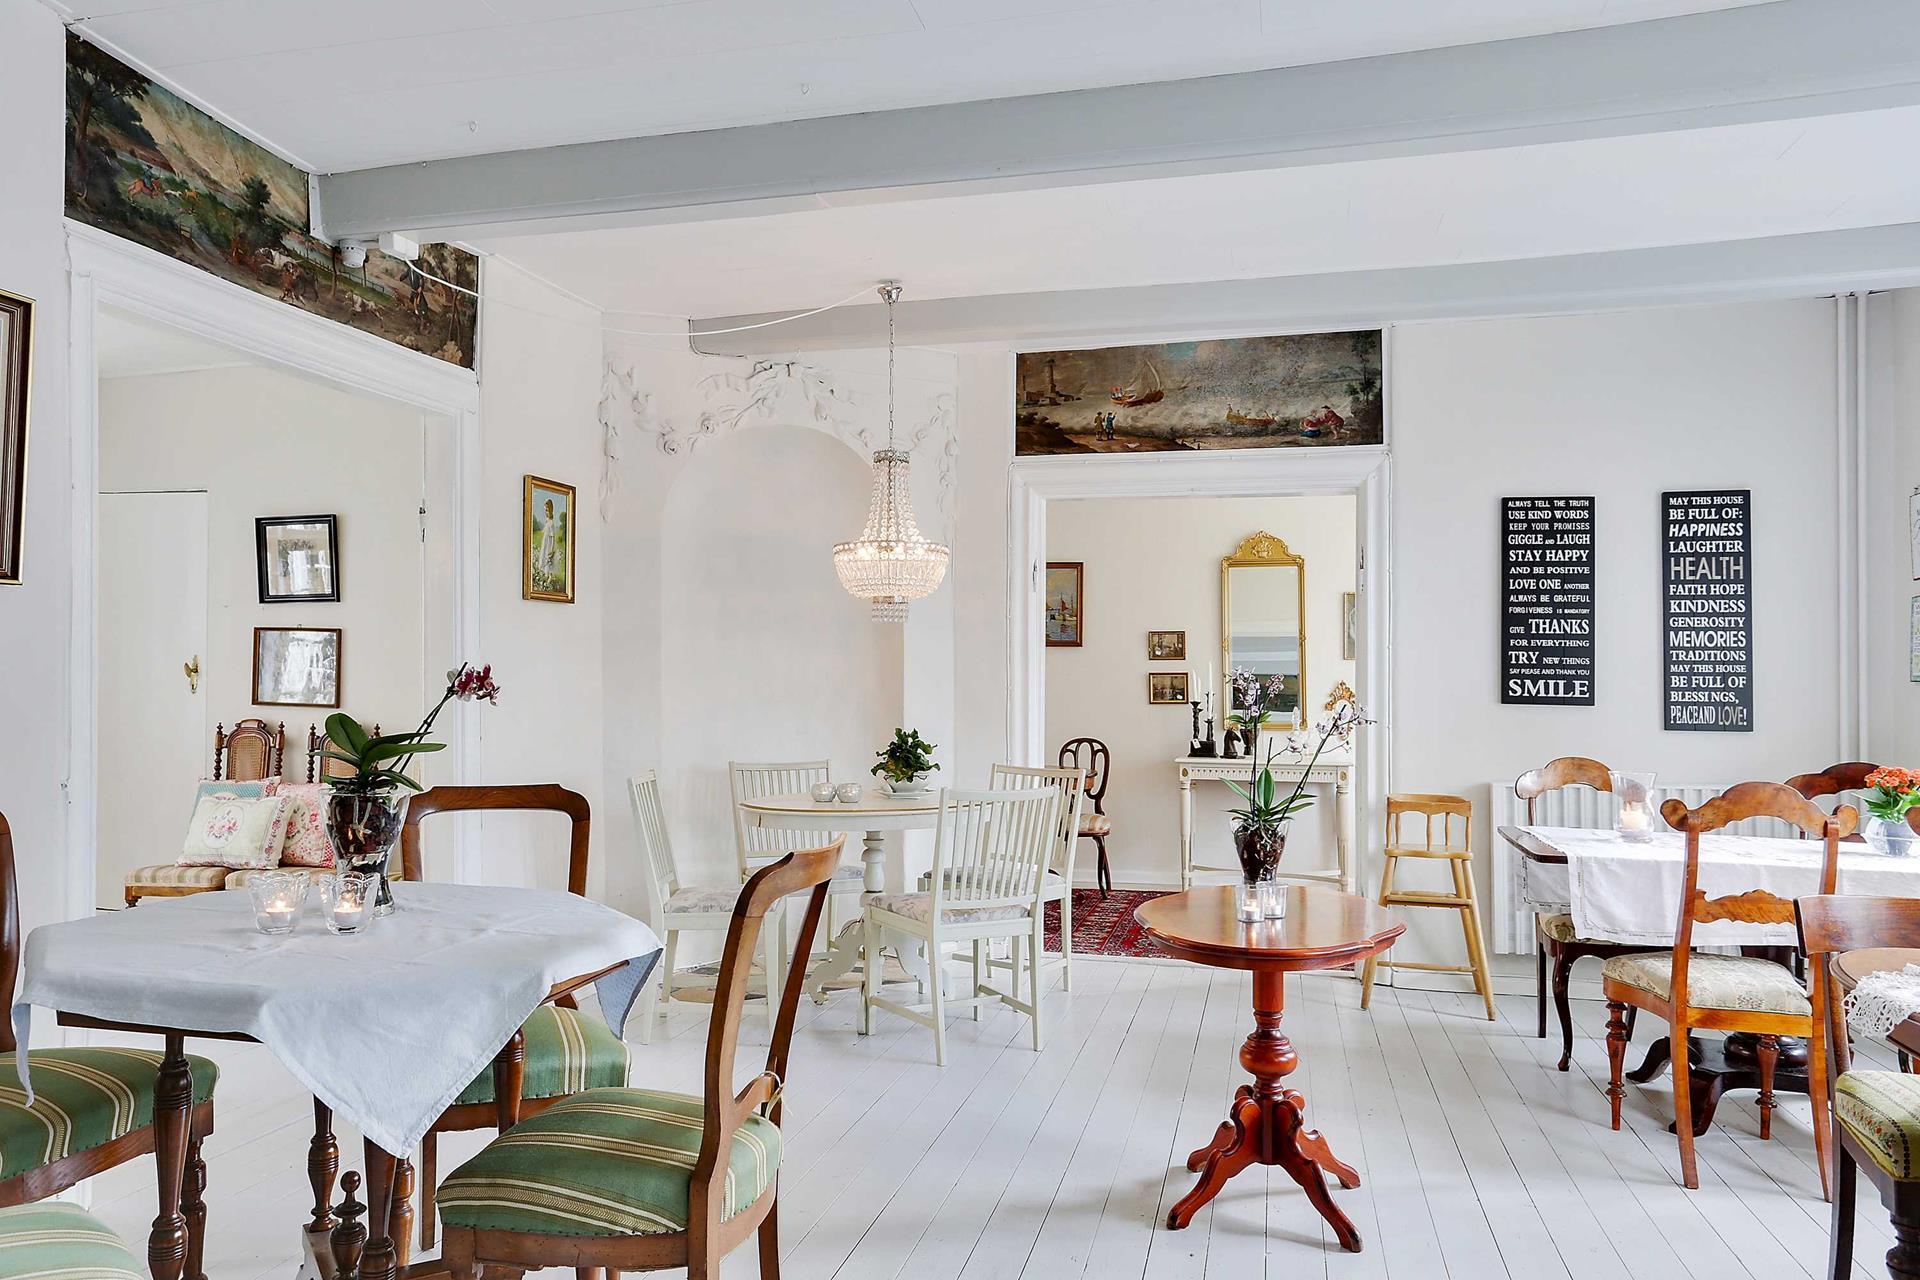 Bolig/erhverv på Slotsgaden i Tønder - Café